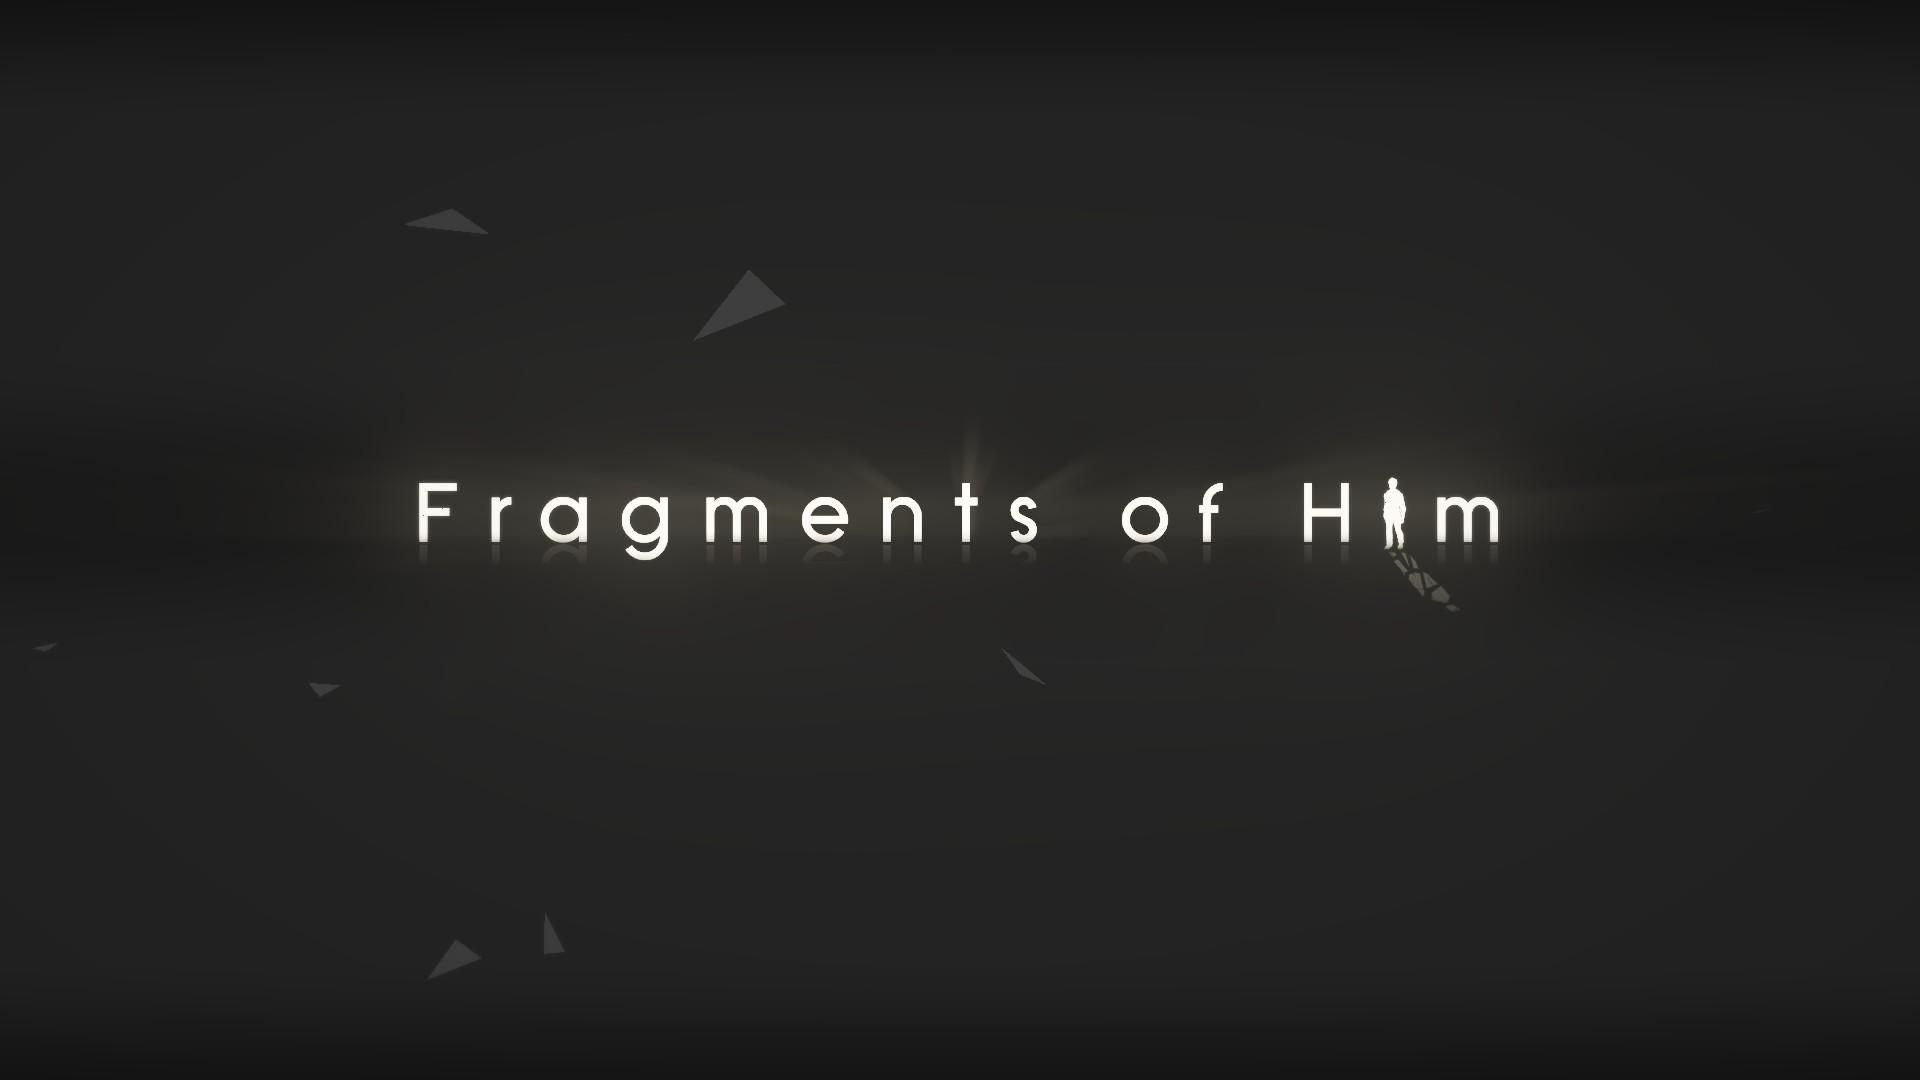 Fragments of Him: Dans la mémoire des vivants